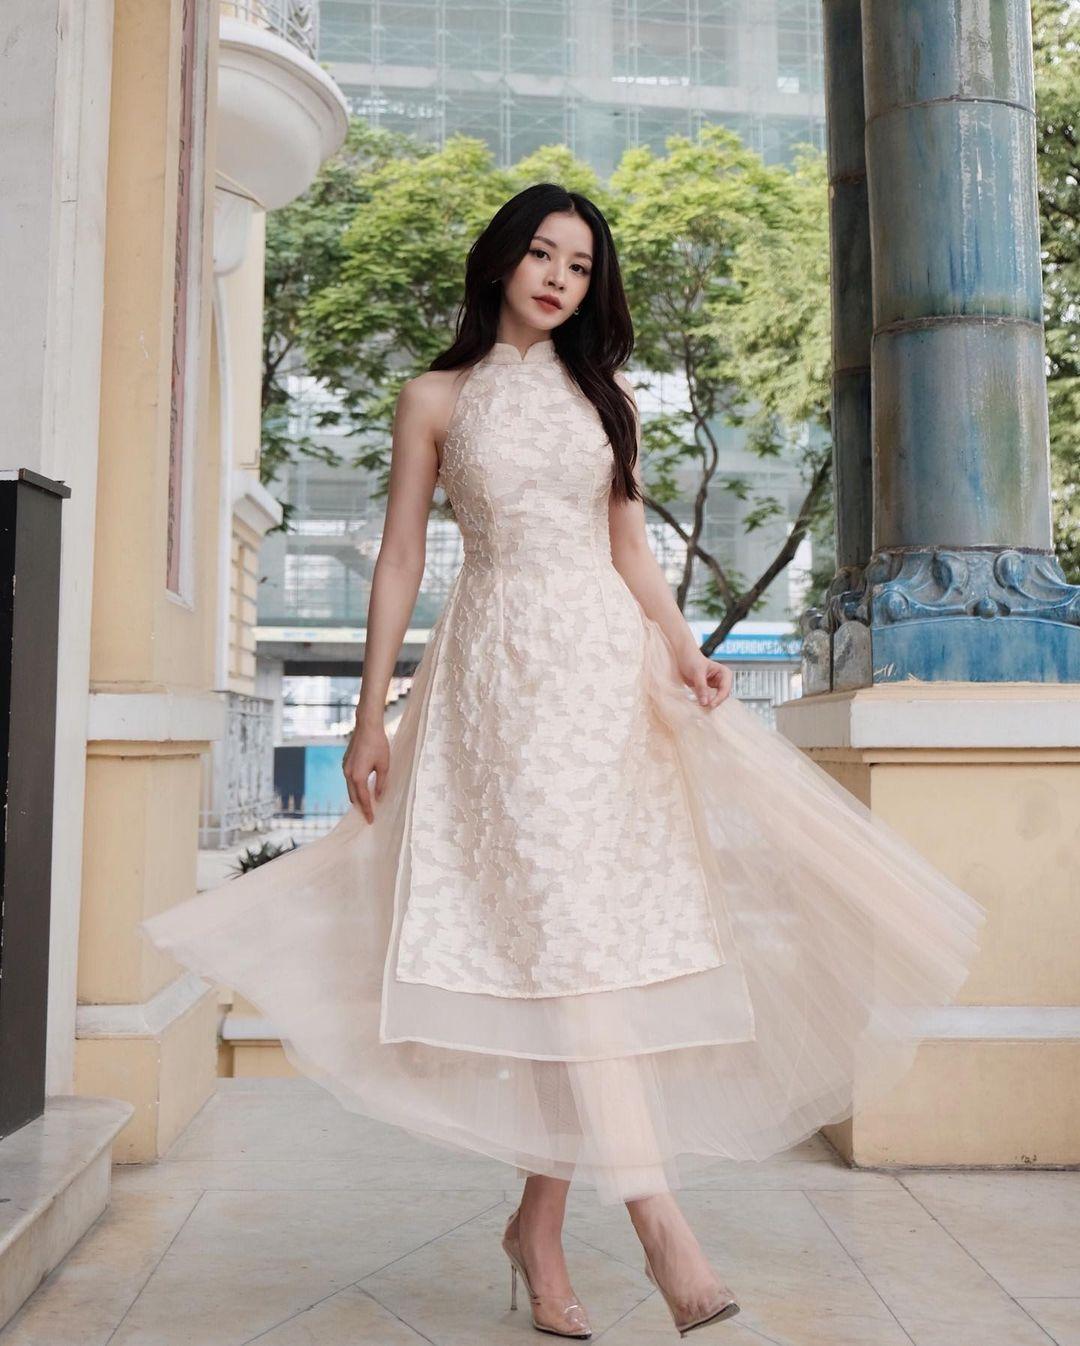 Sao Việt rộn ràng diện áo dài đón Tết sớm, kiểu hot hit nhất năm nay nằm cả ở chi tiết này - Ảnh 14.